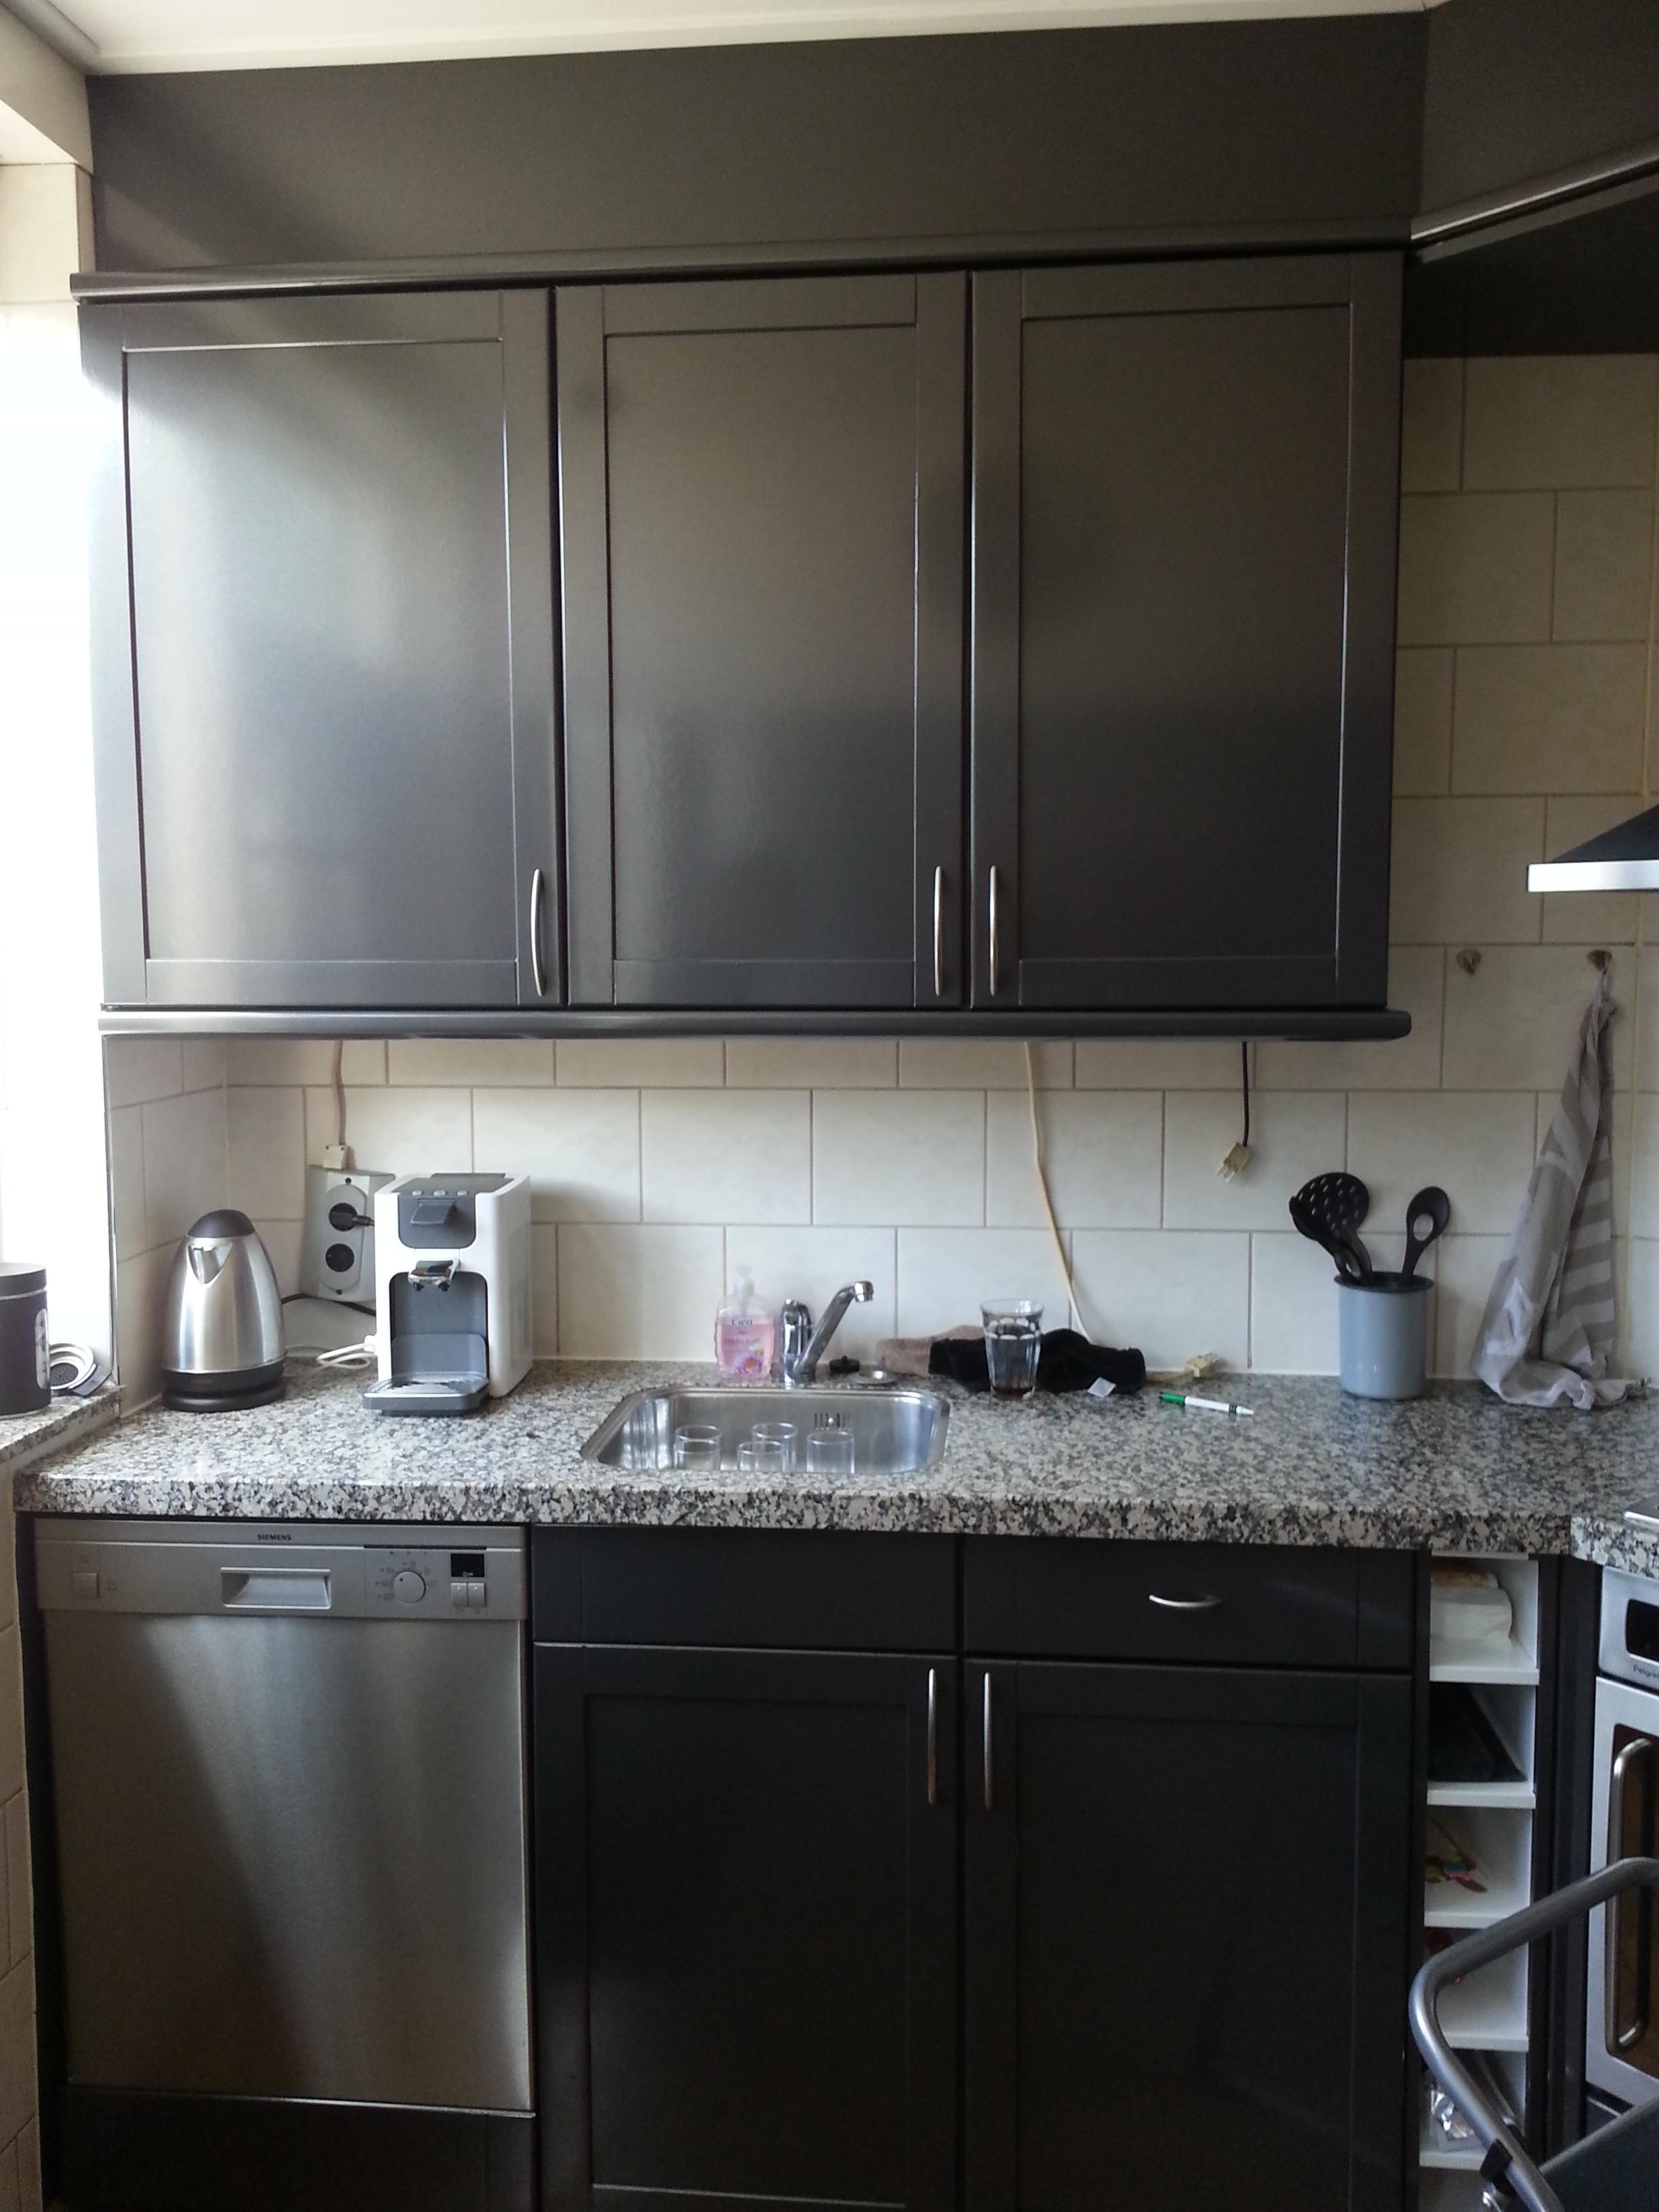 Keuken Rood Grijs : Keuken ? van hout / wit naar metallic grijs!